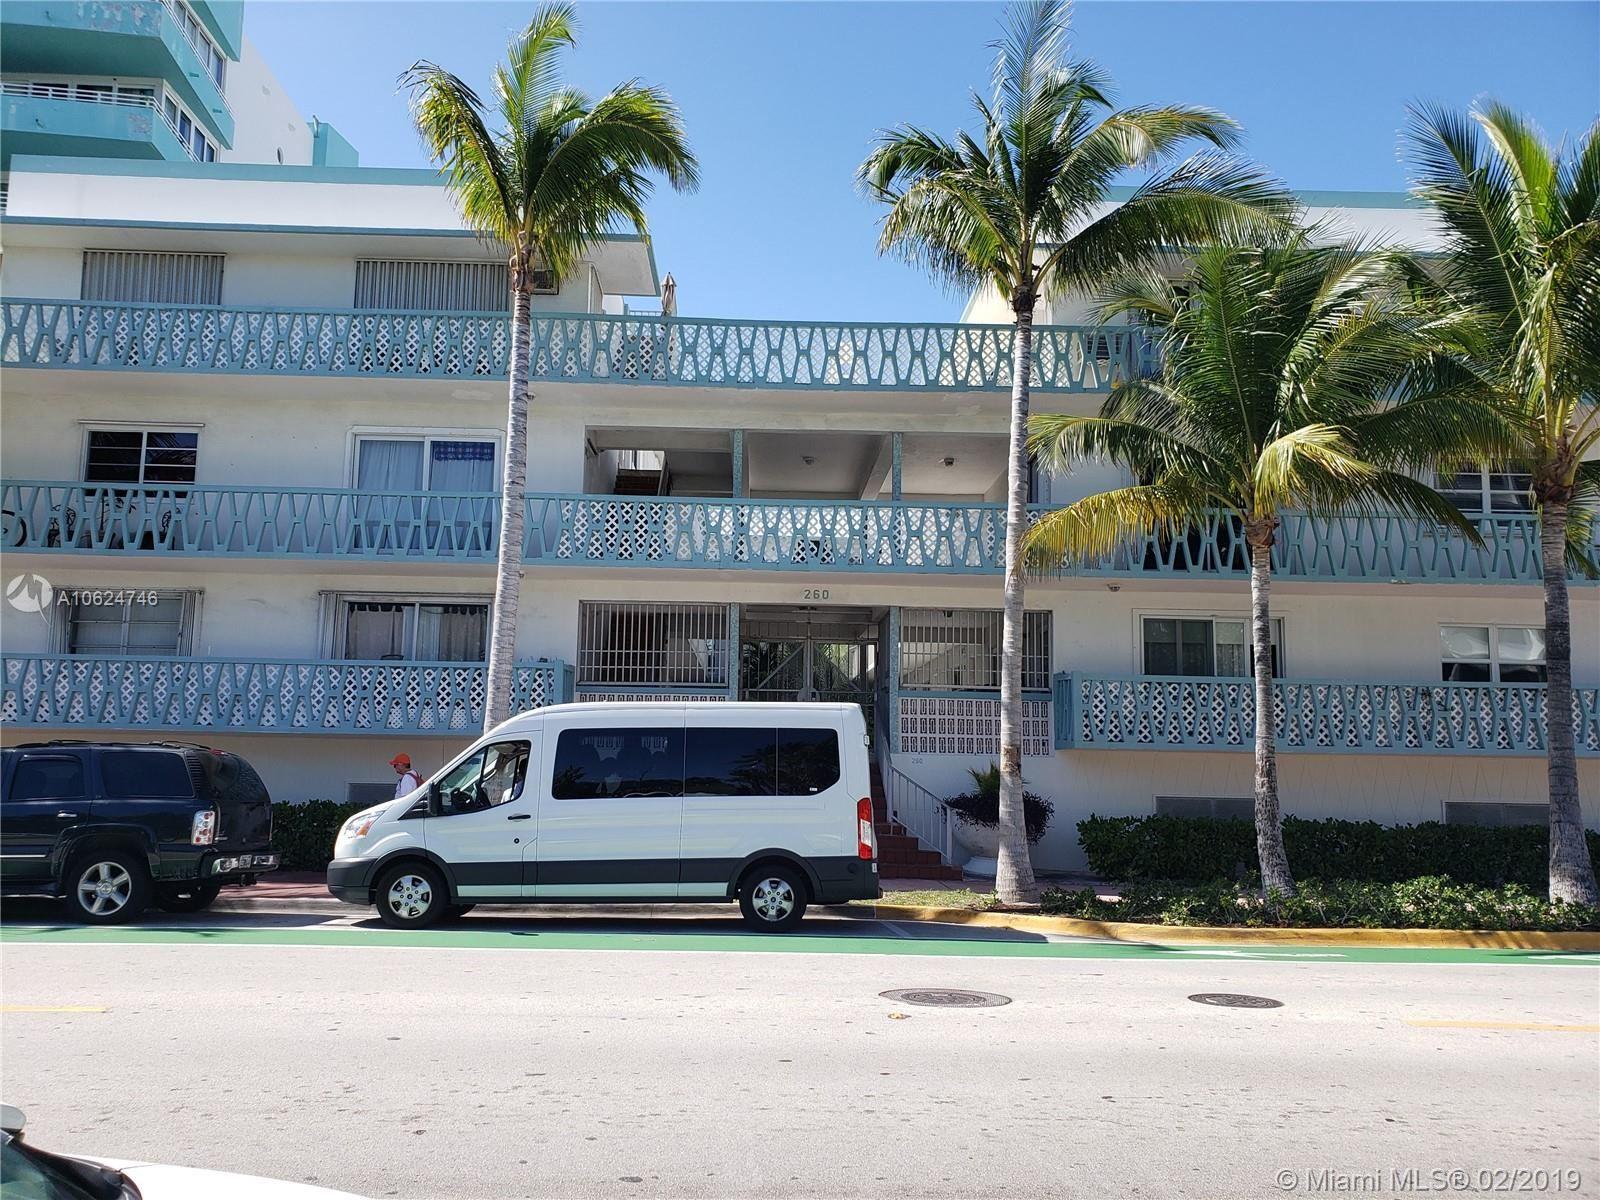 260 Ocean Dr #2 and 3, Miami Beach, FL 33139 - #: A10624746